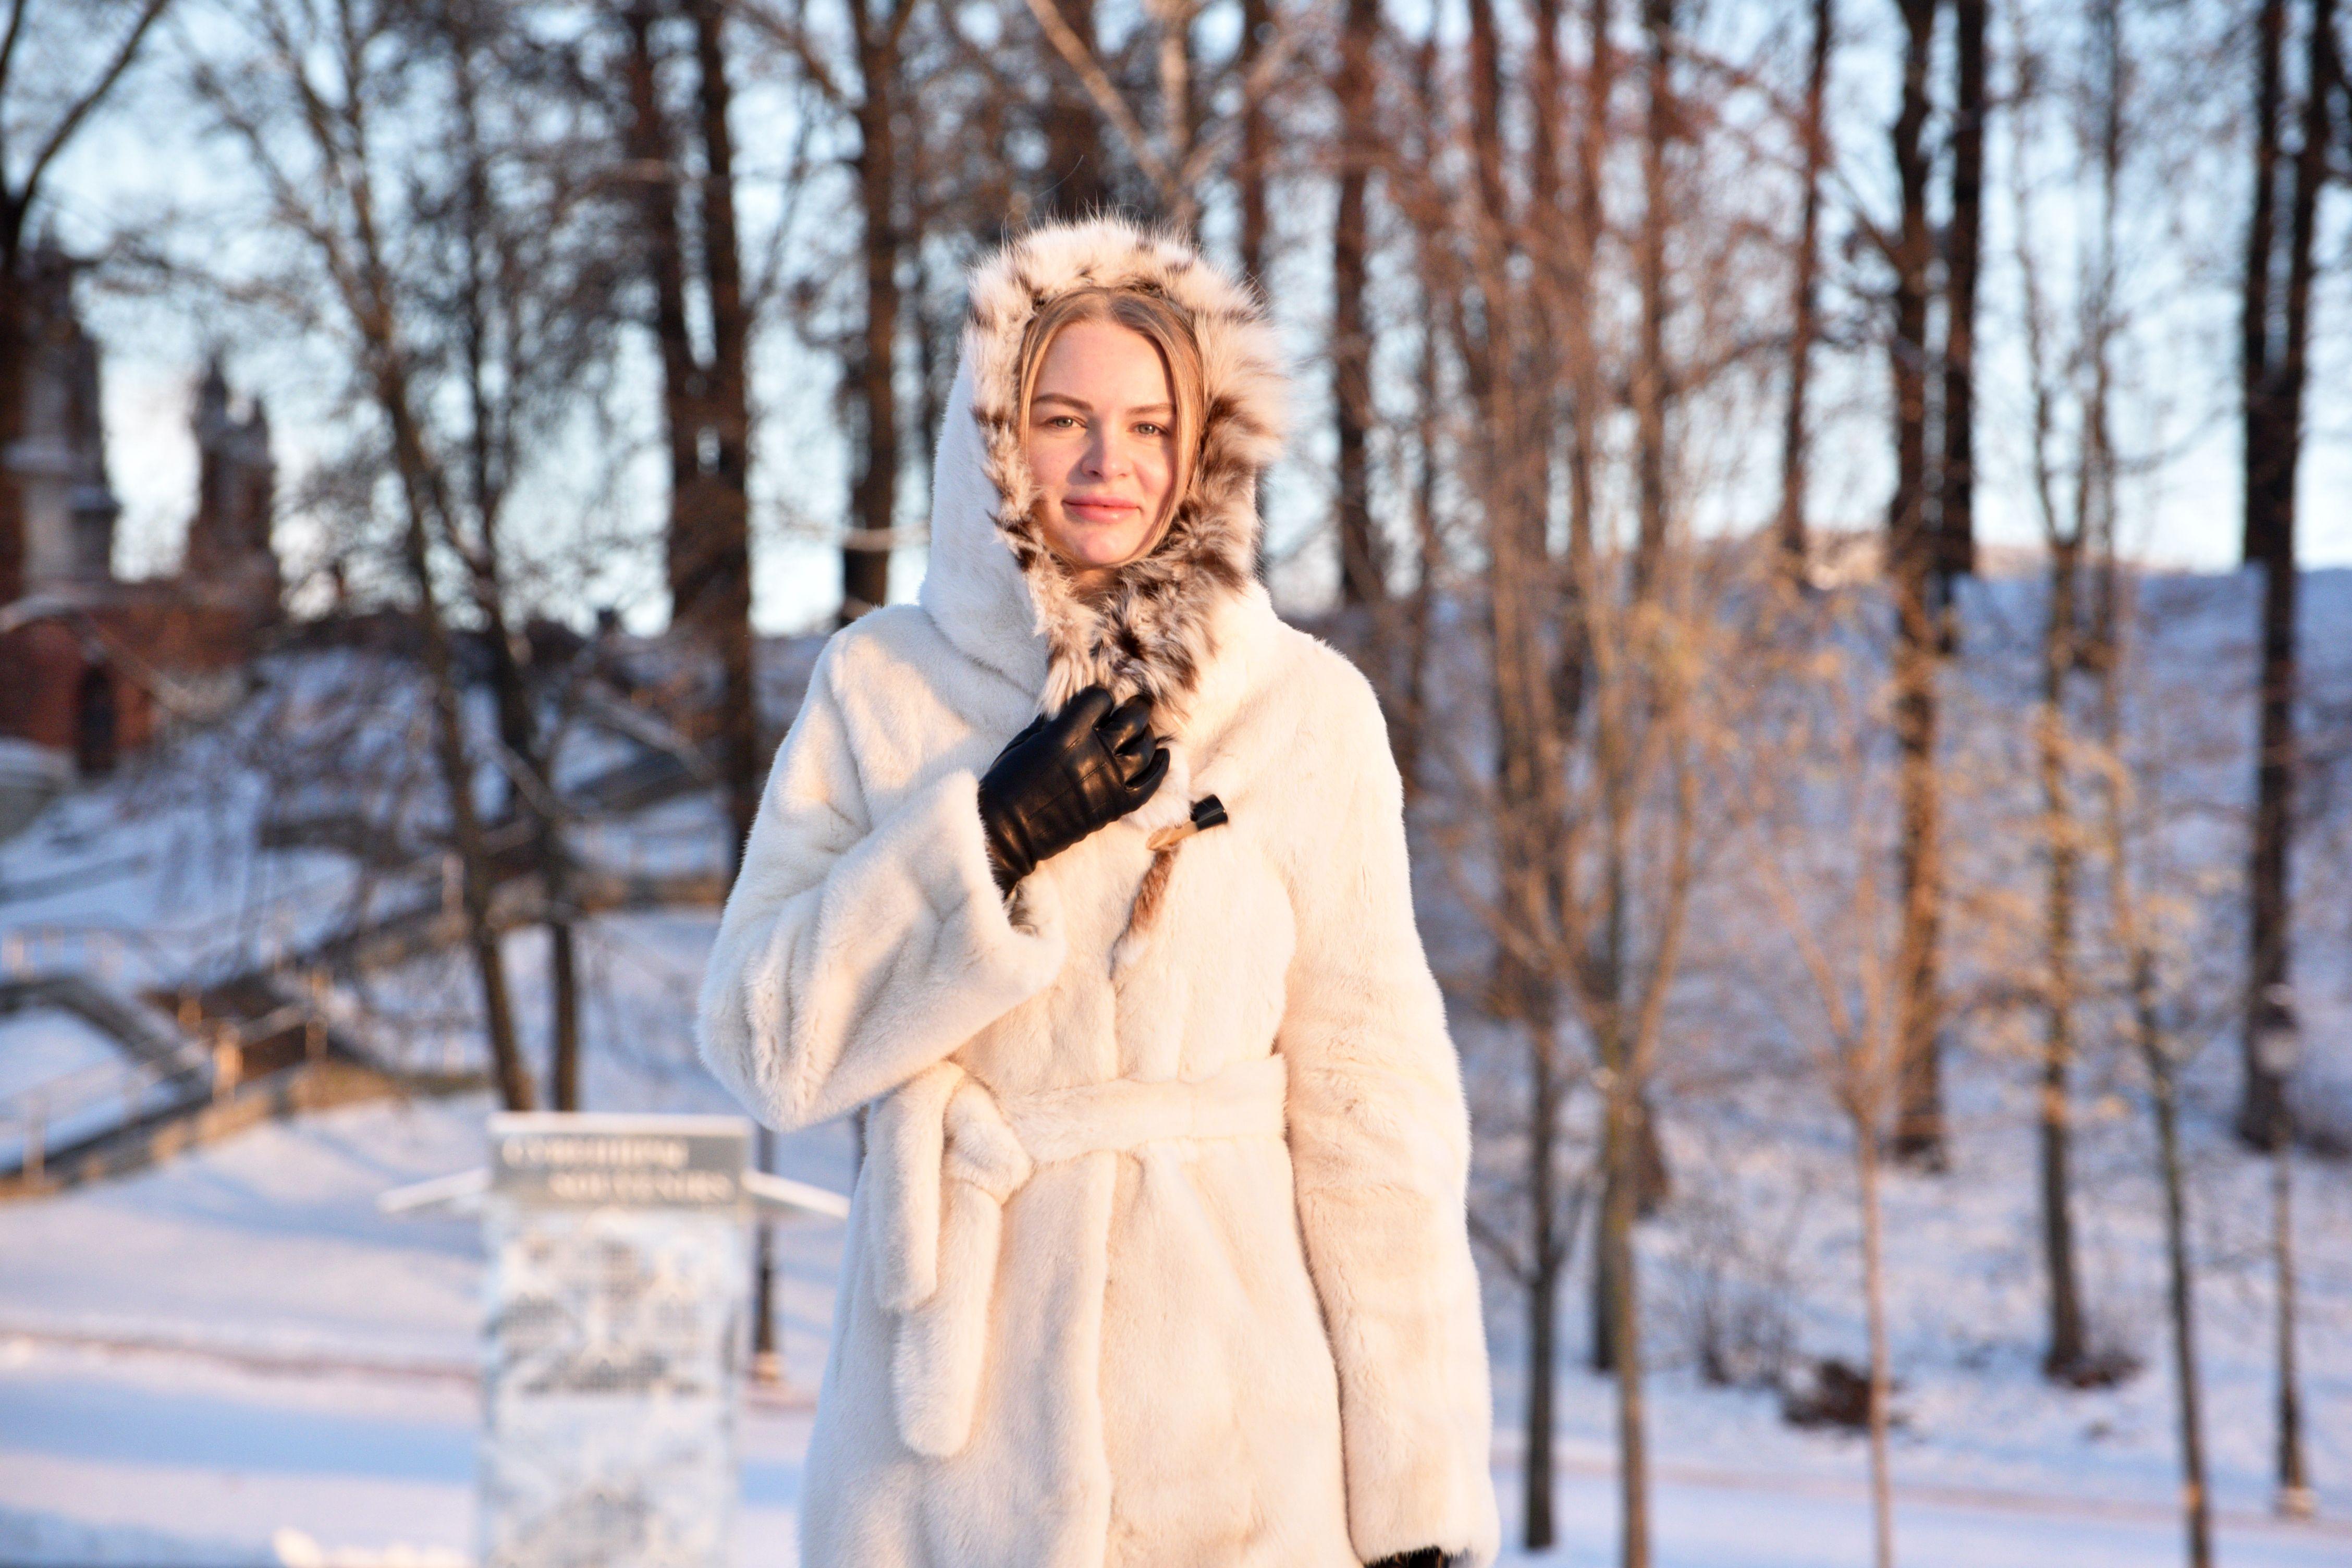 Снег в Москве полностью растает к началу марта